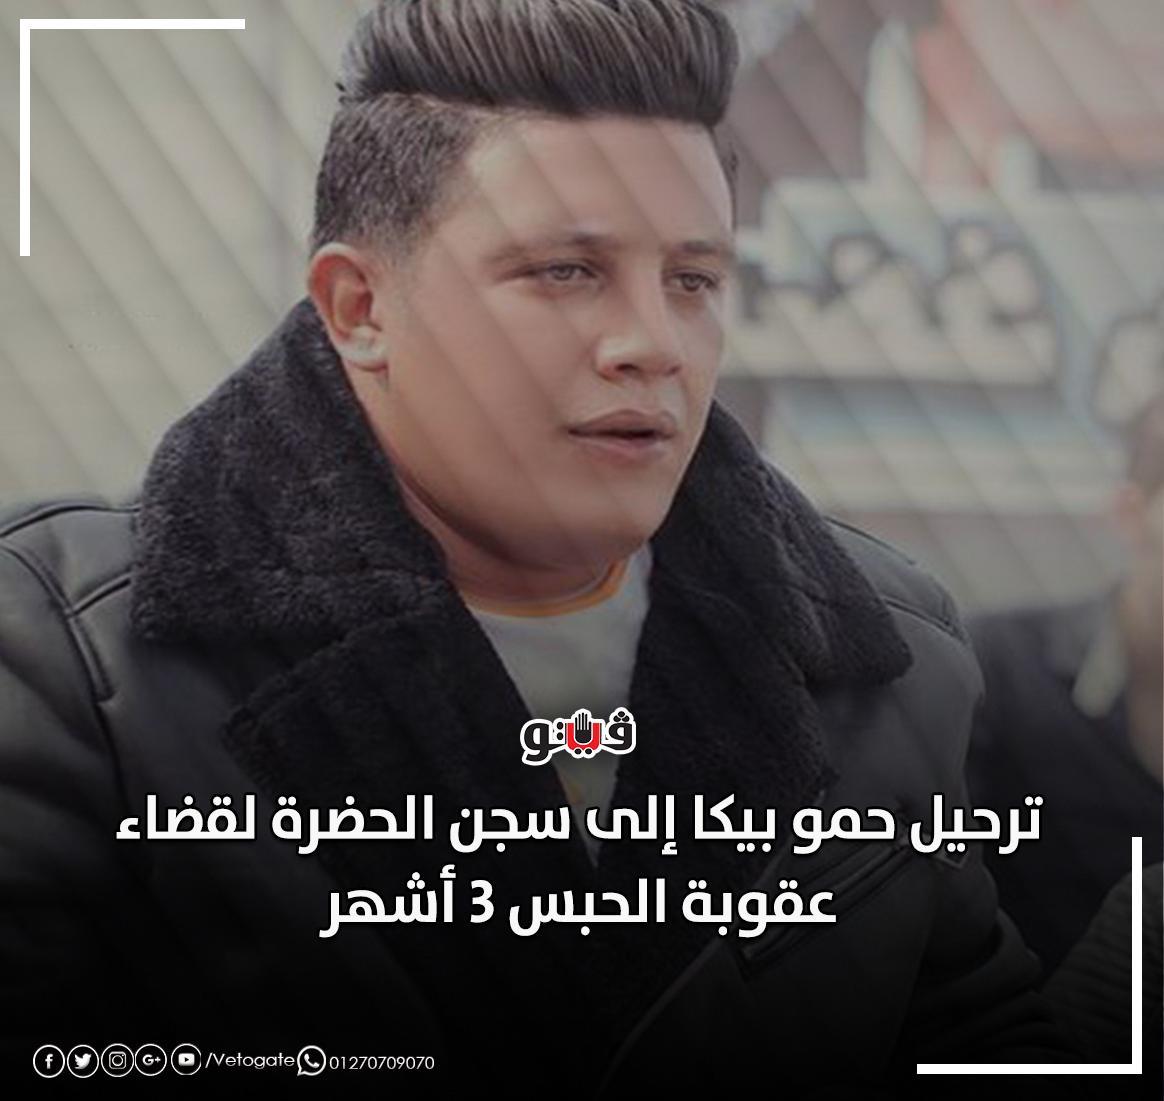 #فيتو| ترحيل #حمو_بيكا إلى سجن الحضرة لقضاء عقوبة الحبس ٣ أشهر شاهد.. https://t.co/Cx7ZtyKpG8 https://t.co/1cPXxzkw27